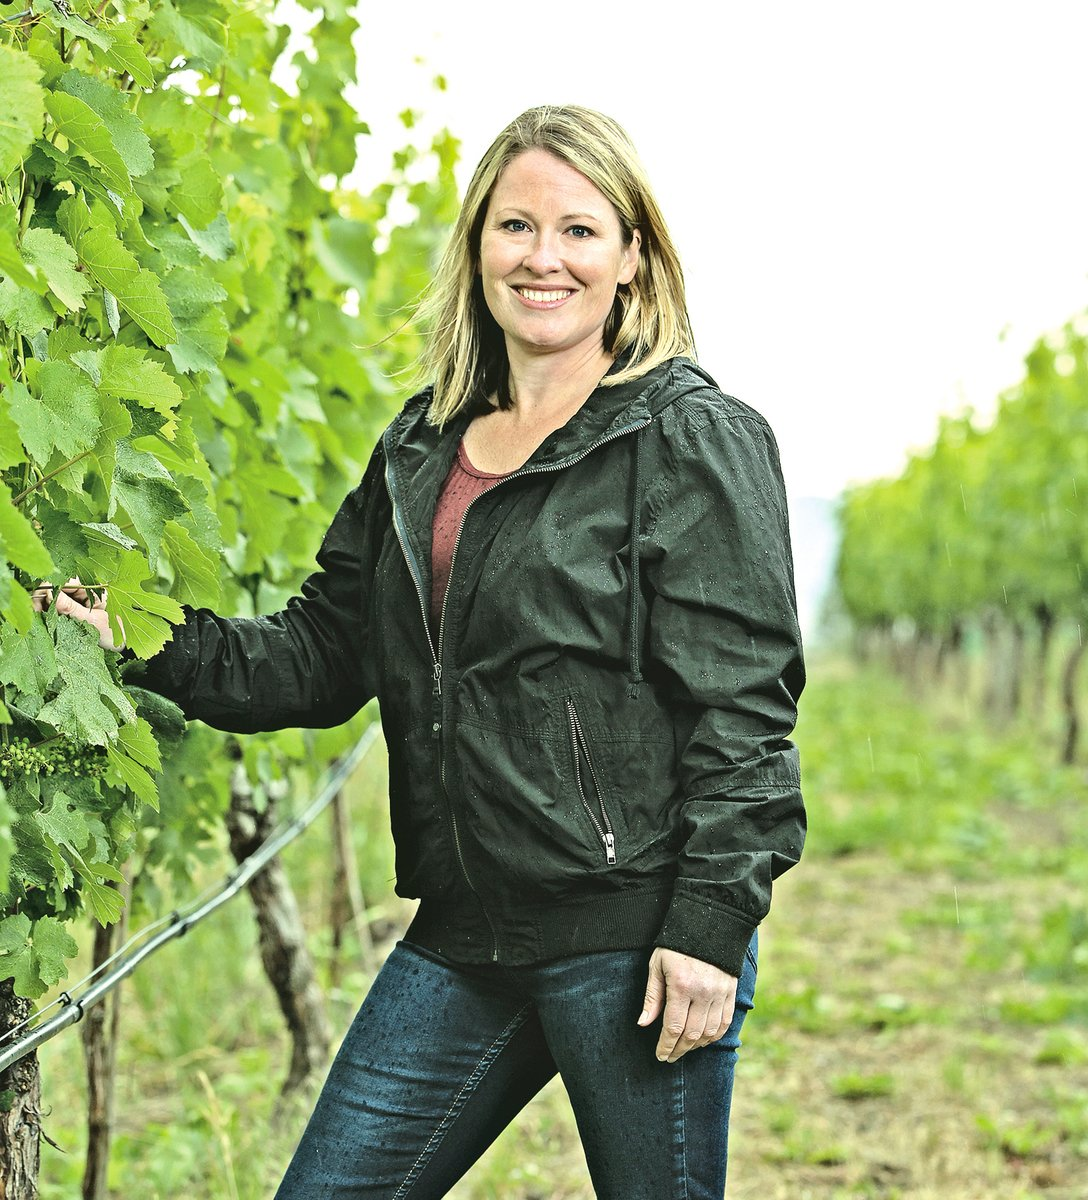 充滿才華與朝氣的少壯新一代女釀酒師 Alison Moyes。